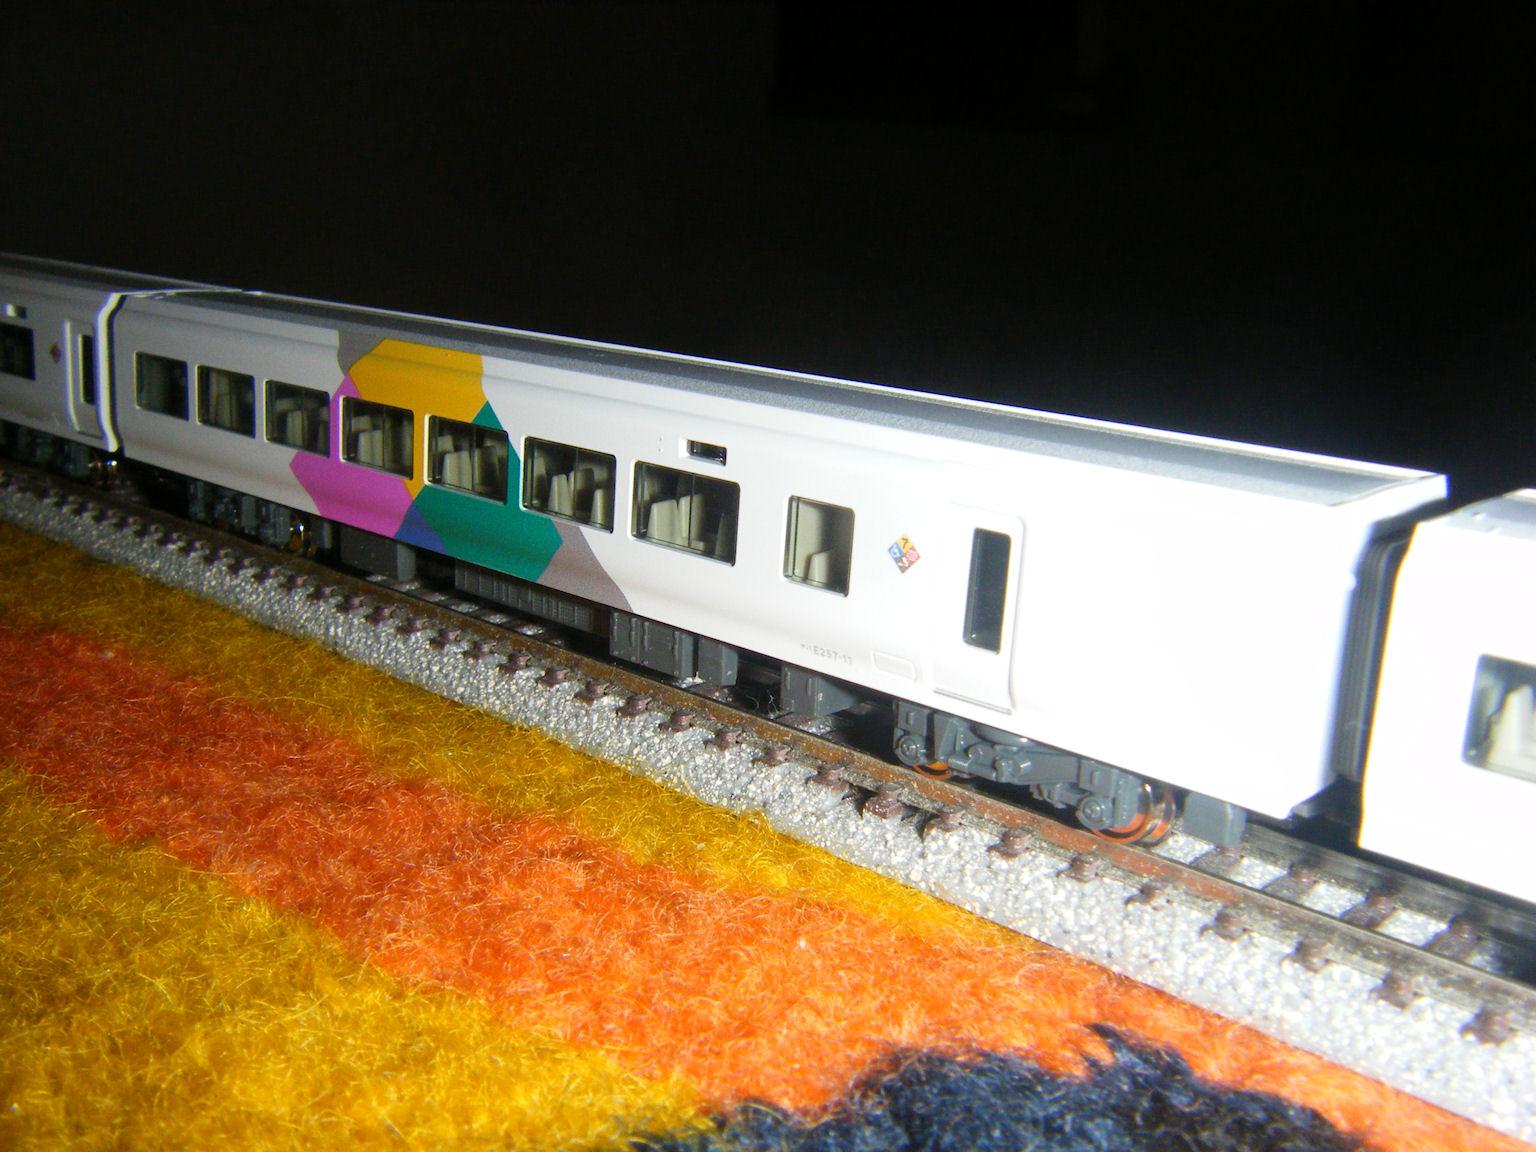 Dscf1981